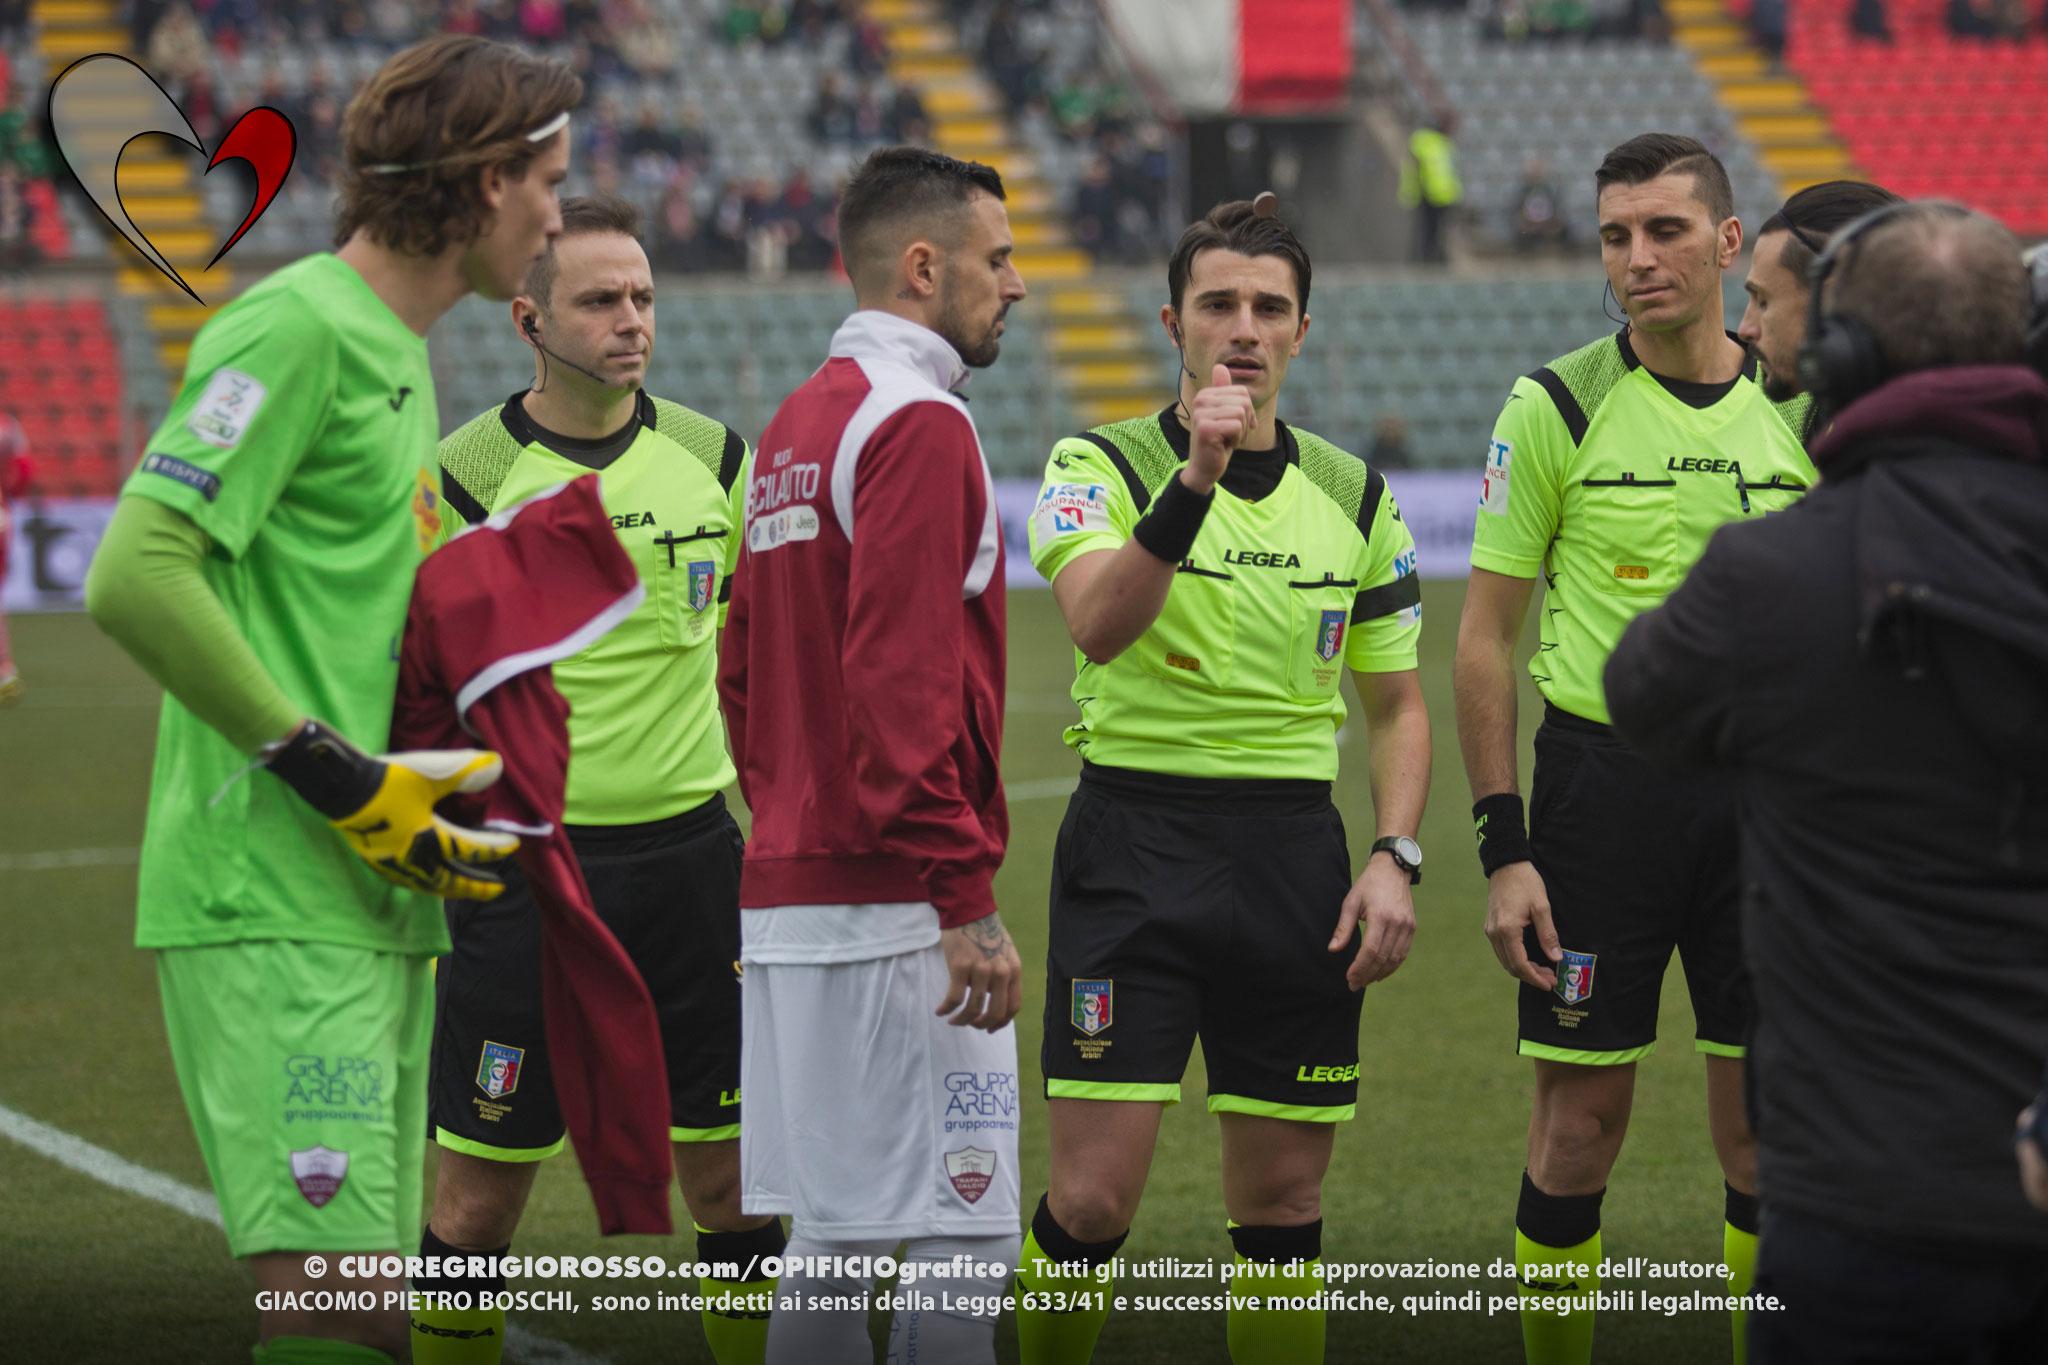 Serie B, Trapani deferito per mancato pagamento degli stipendi